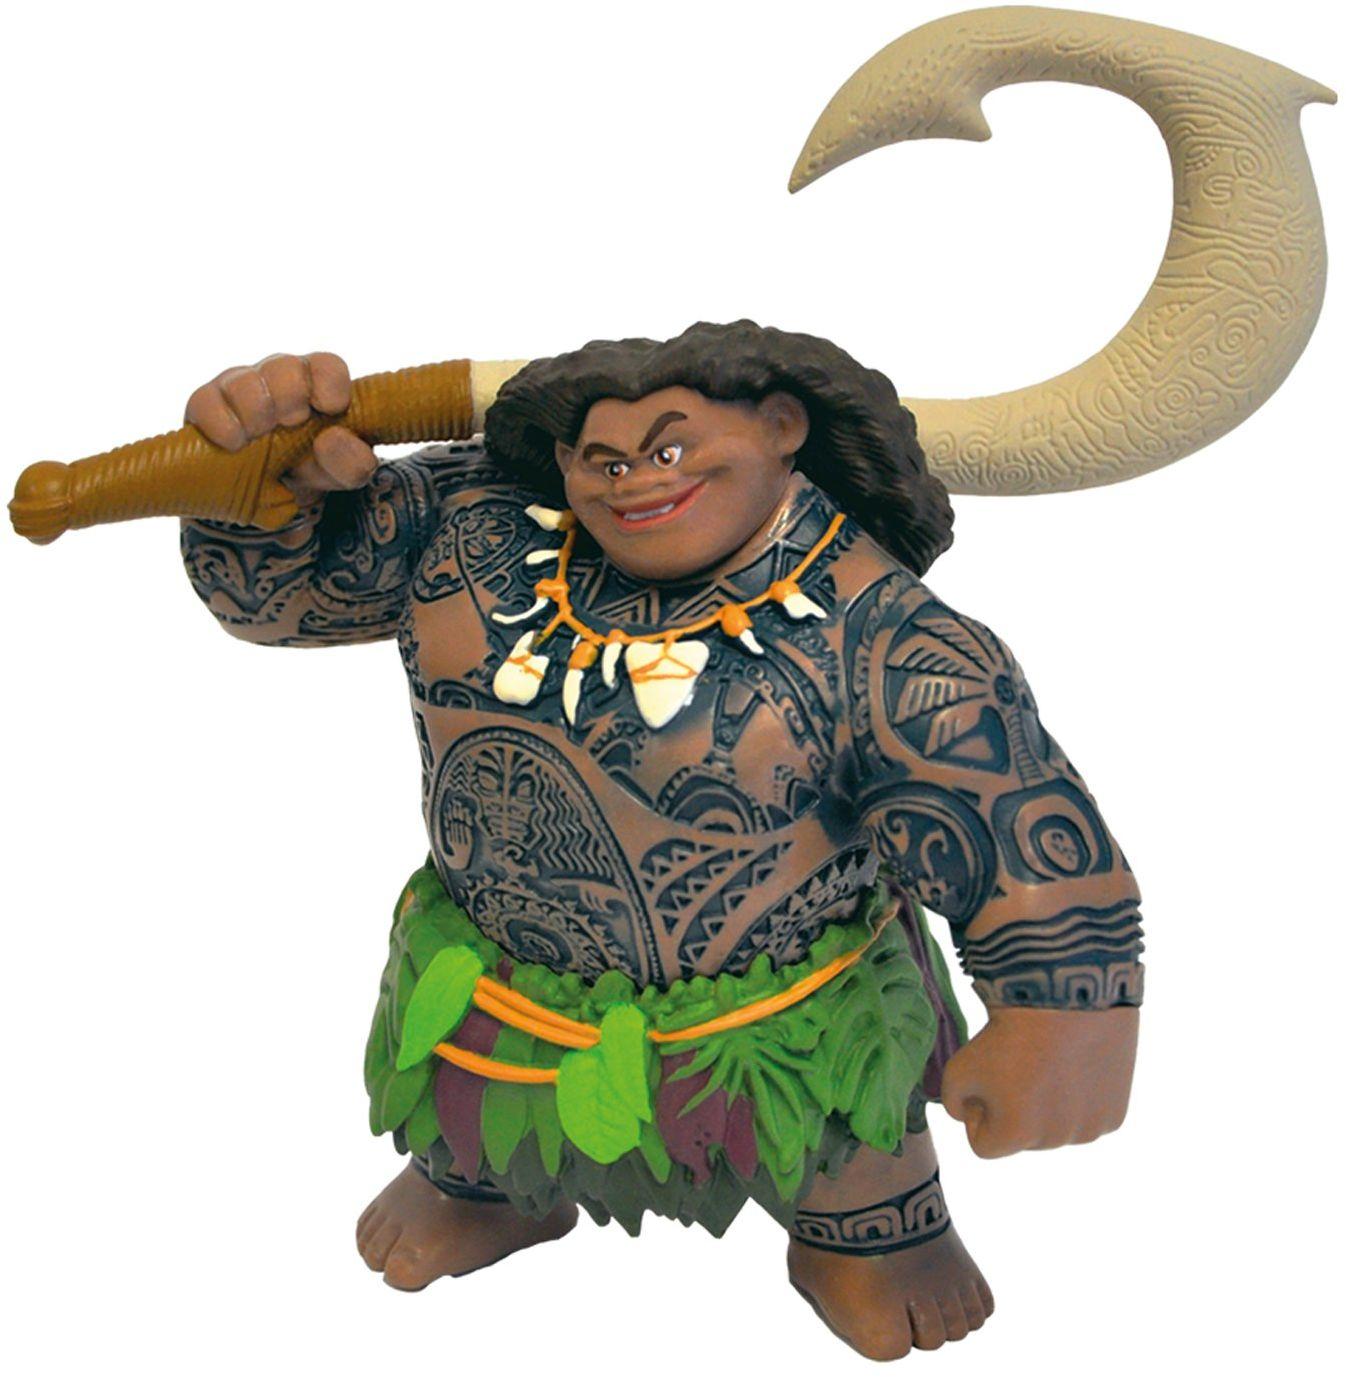 Bullyland BUL-13186 13186  figurka do zabawy, Walt Disney Vaiana, półBoga Maui, starannie ręcznie malowana figurka, bez PCW, wspaniały prezent dla chłopców i dziewczynek do fantazyjnej zabawy